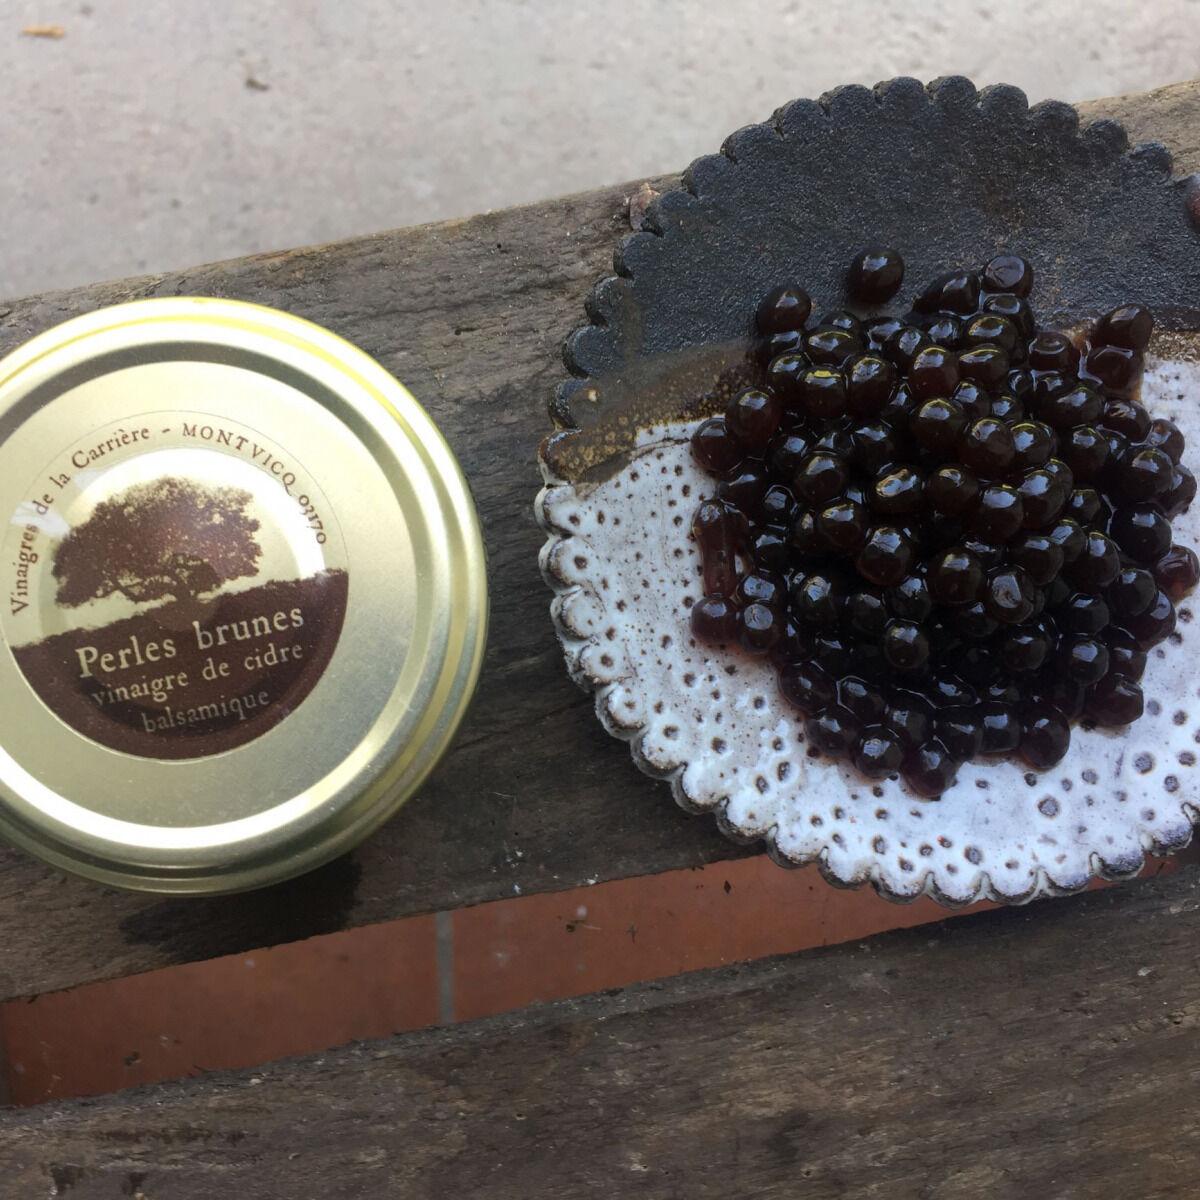 Vinaigres de la Carrière Perles Brunes - Vinaigre Balsamique de Cidre